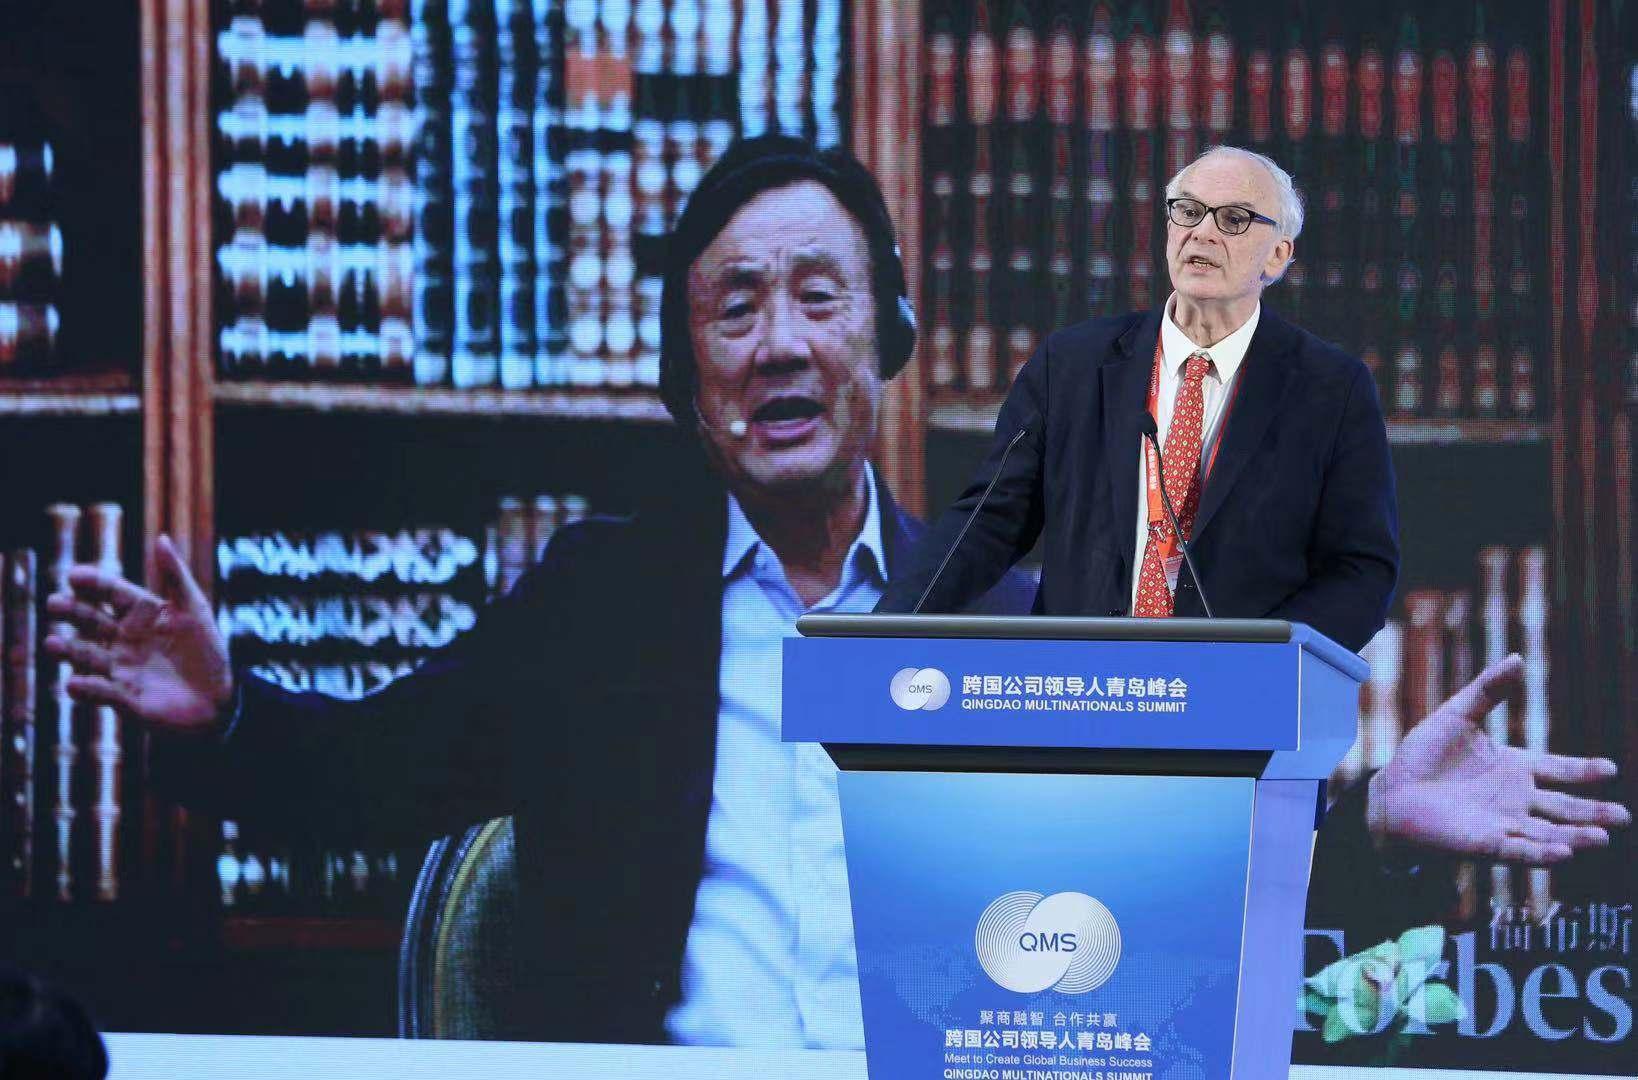 福布斯中国发布跨国经营商业领袖榜单,马云马化腾皆在列